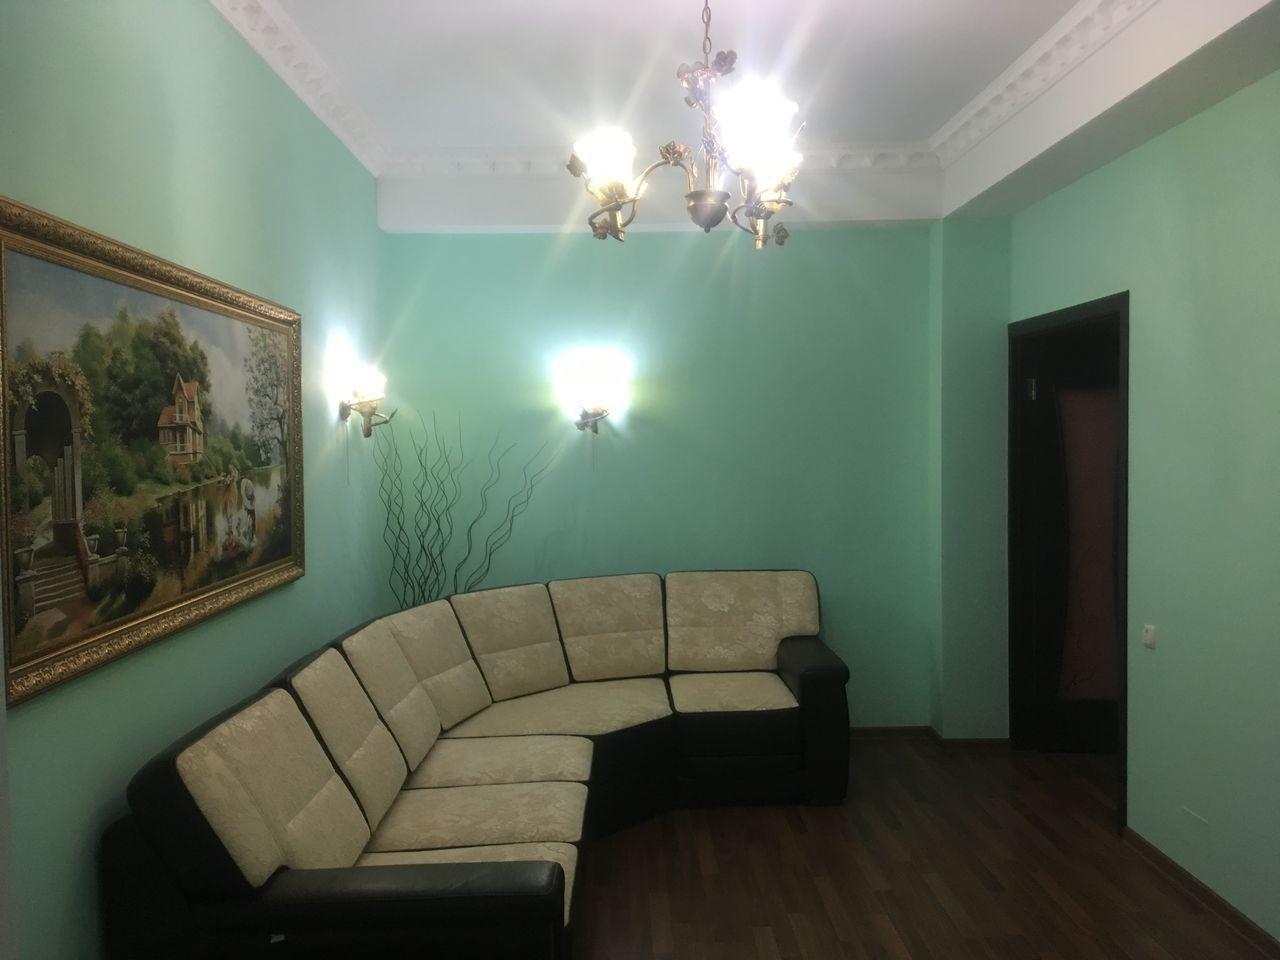 Vânzare apartament de mijloc cu 2 camere 61 în cartier de lux, str. Studenților, Rîșcani